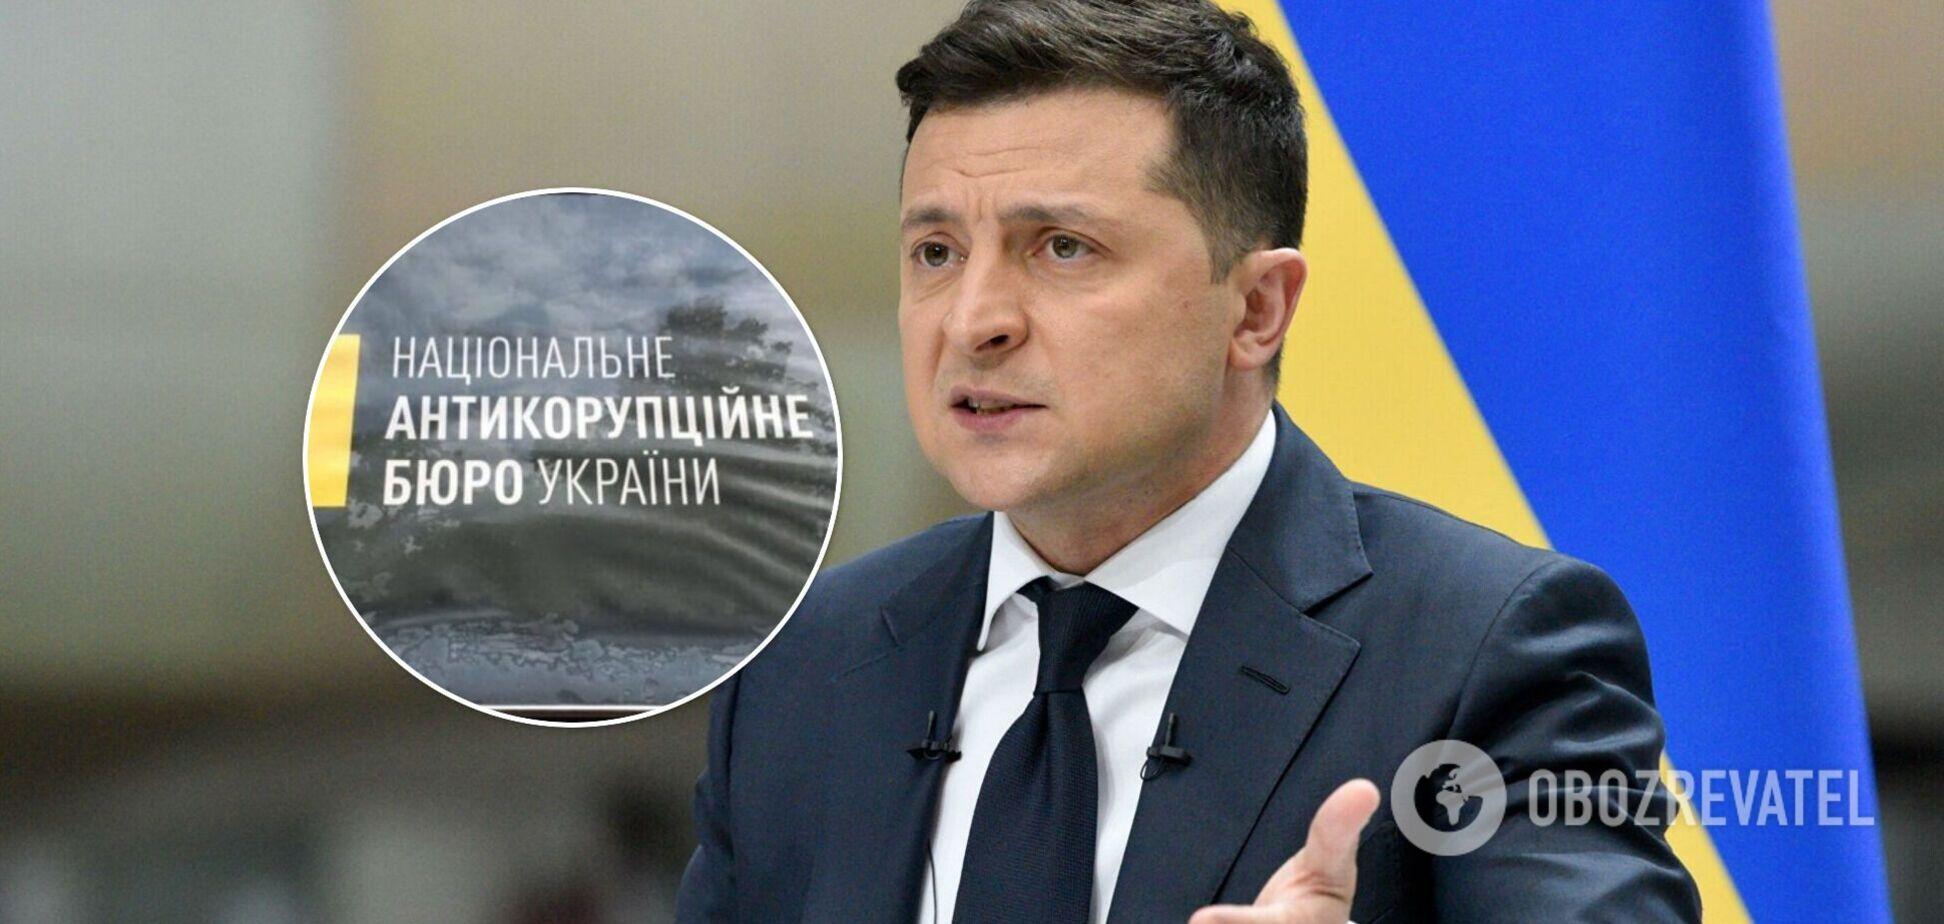 Зеленский – об антикоррупционной структуре Украины: аналогов ей нет нигде в Европе